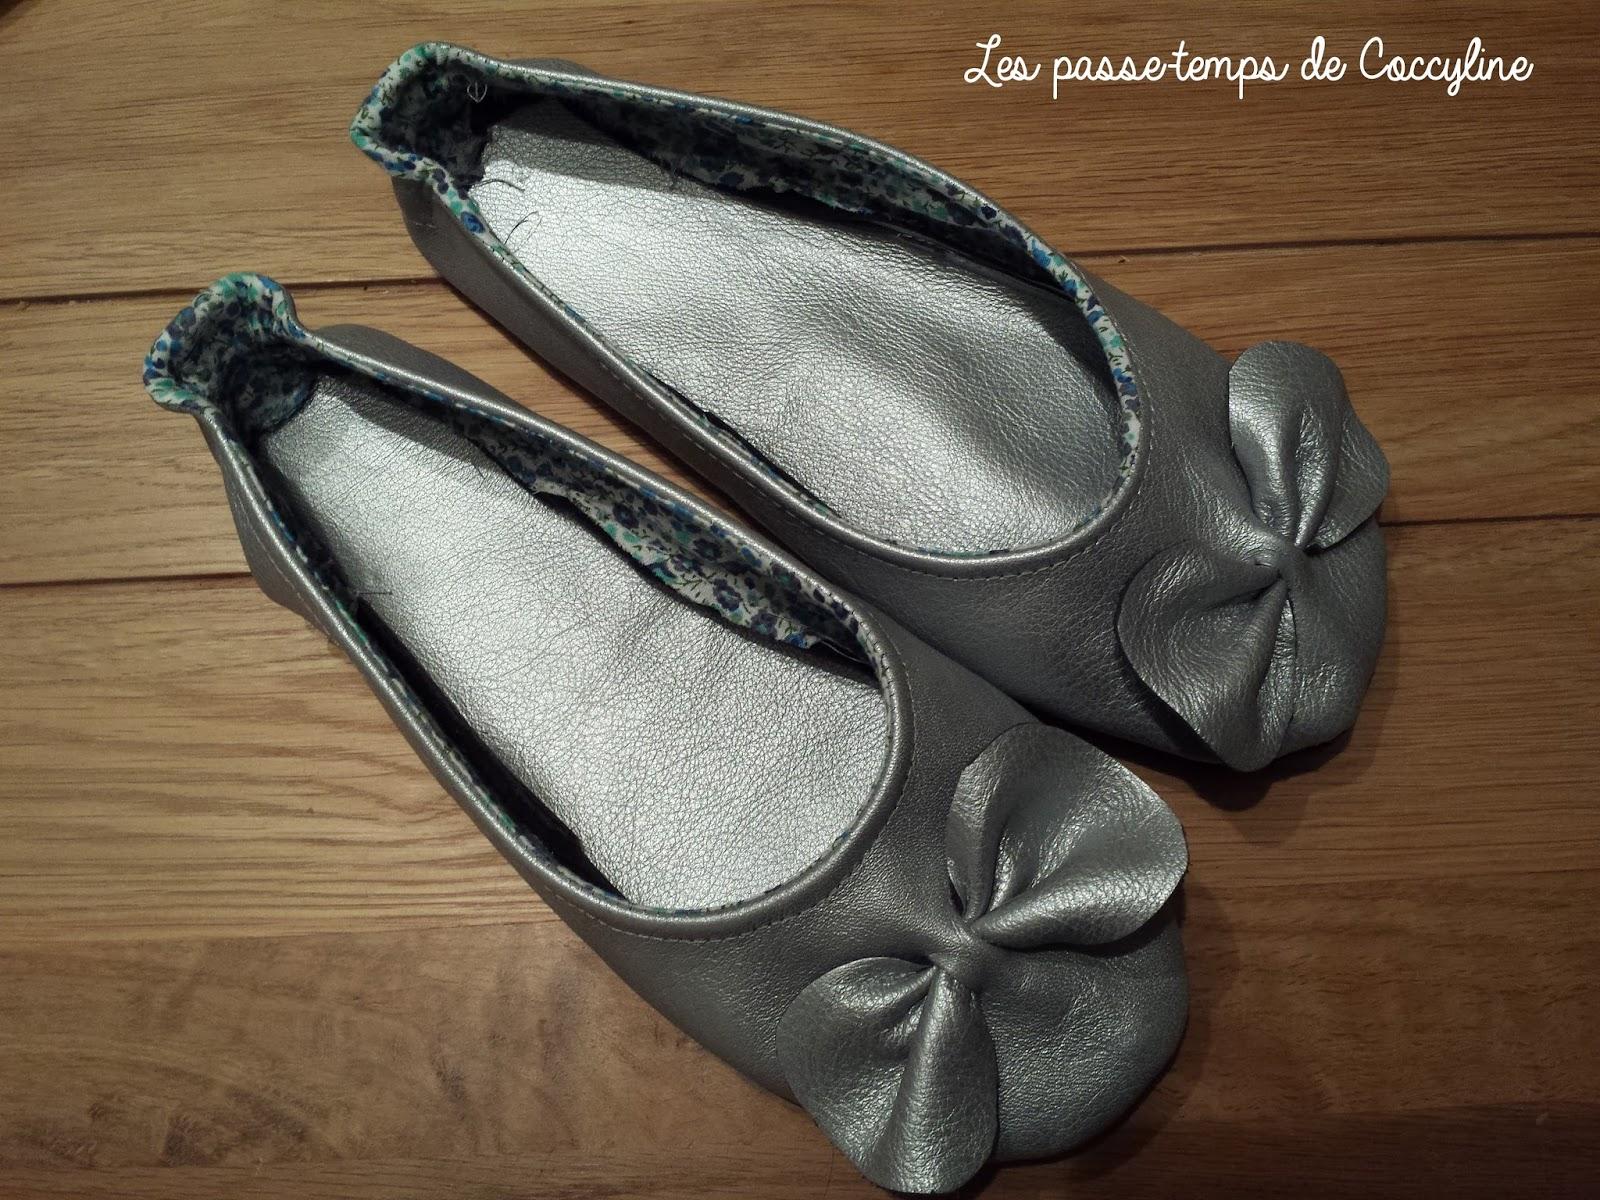 4323f76cfef40d Très franchement j'ai galéré... et j'y ai moins pris goût que pour les  chaussons pour bébé ou l'autre paire pour moi que j'ai commencé.